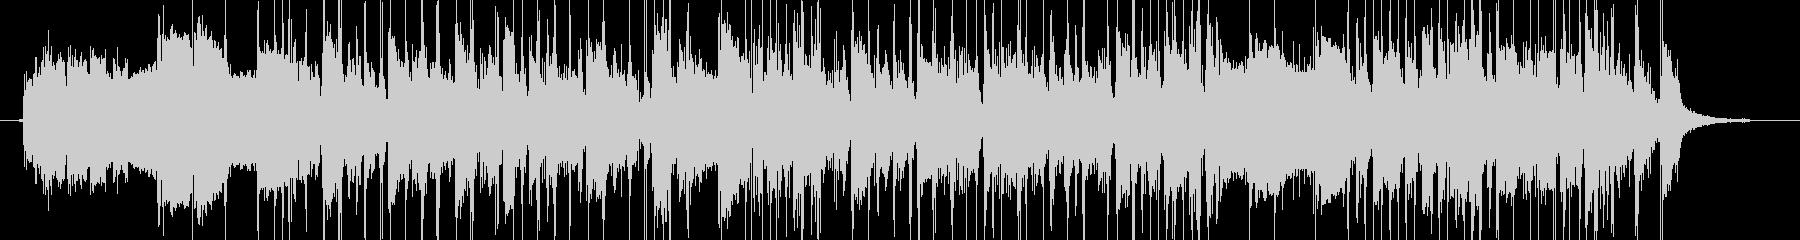 シンセ&スラップベースのジングルの未再生の波形